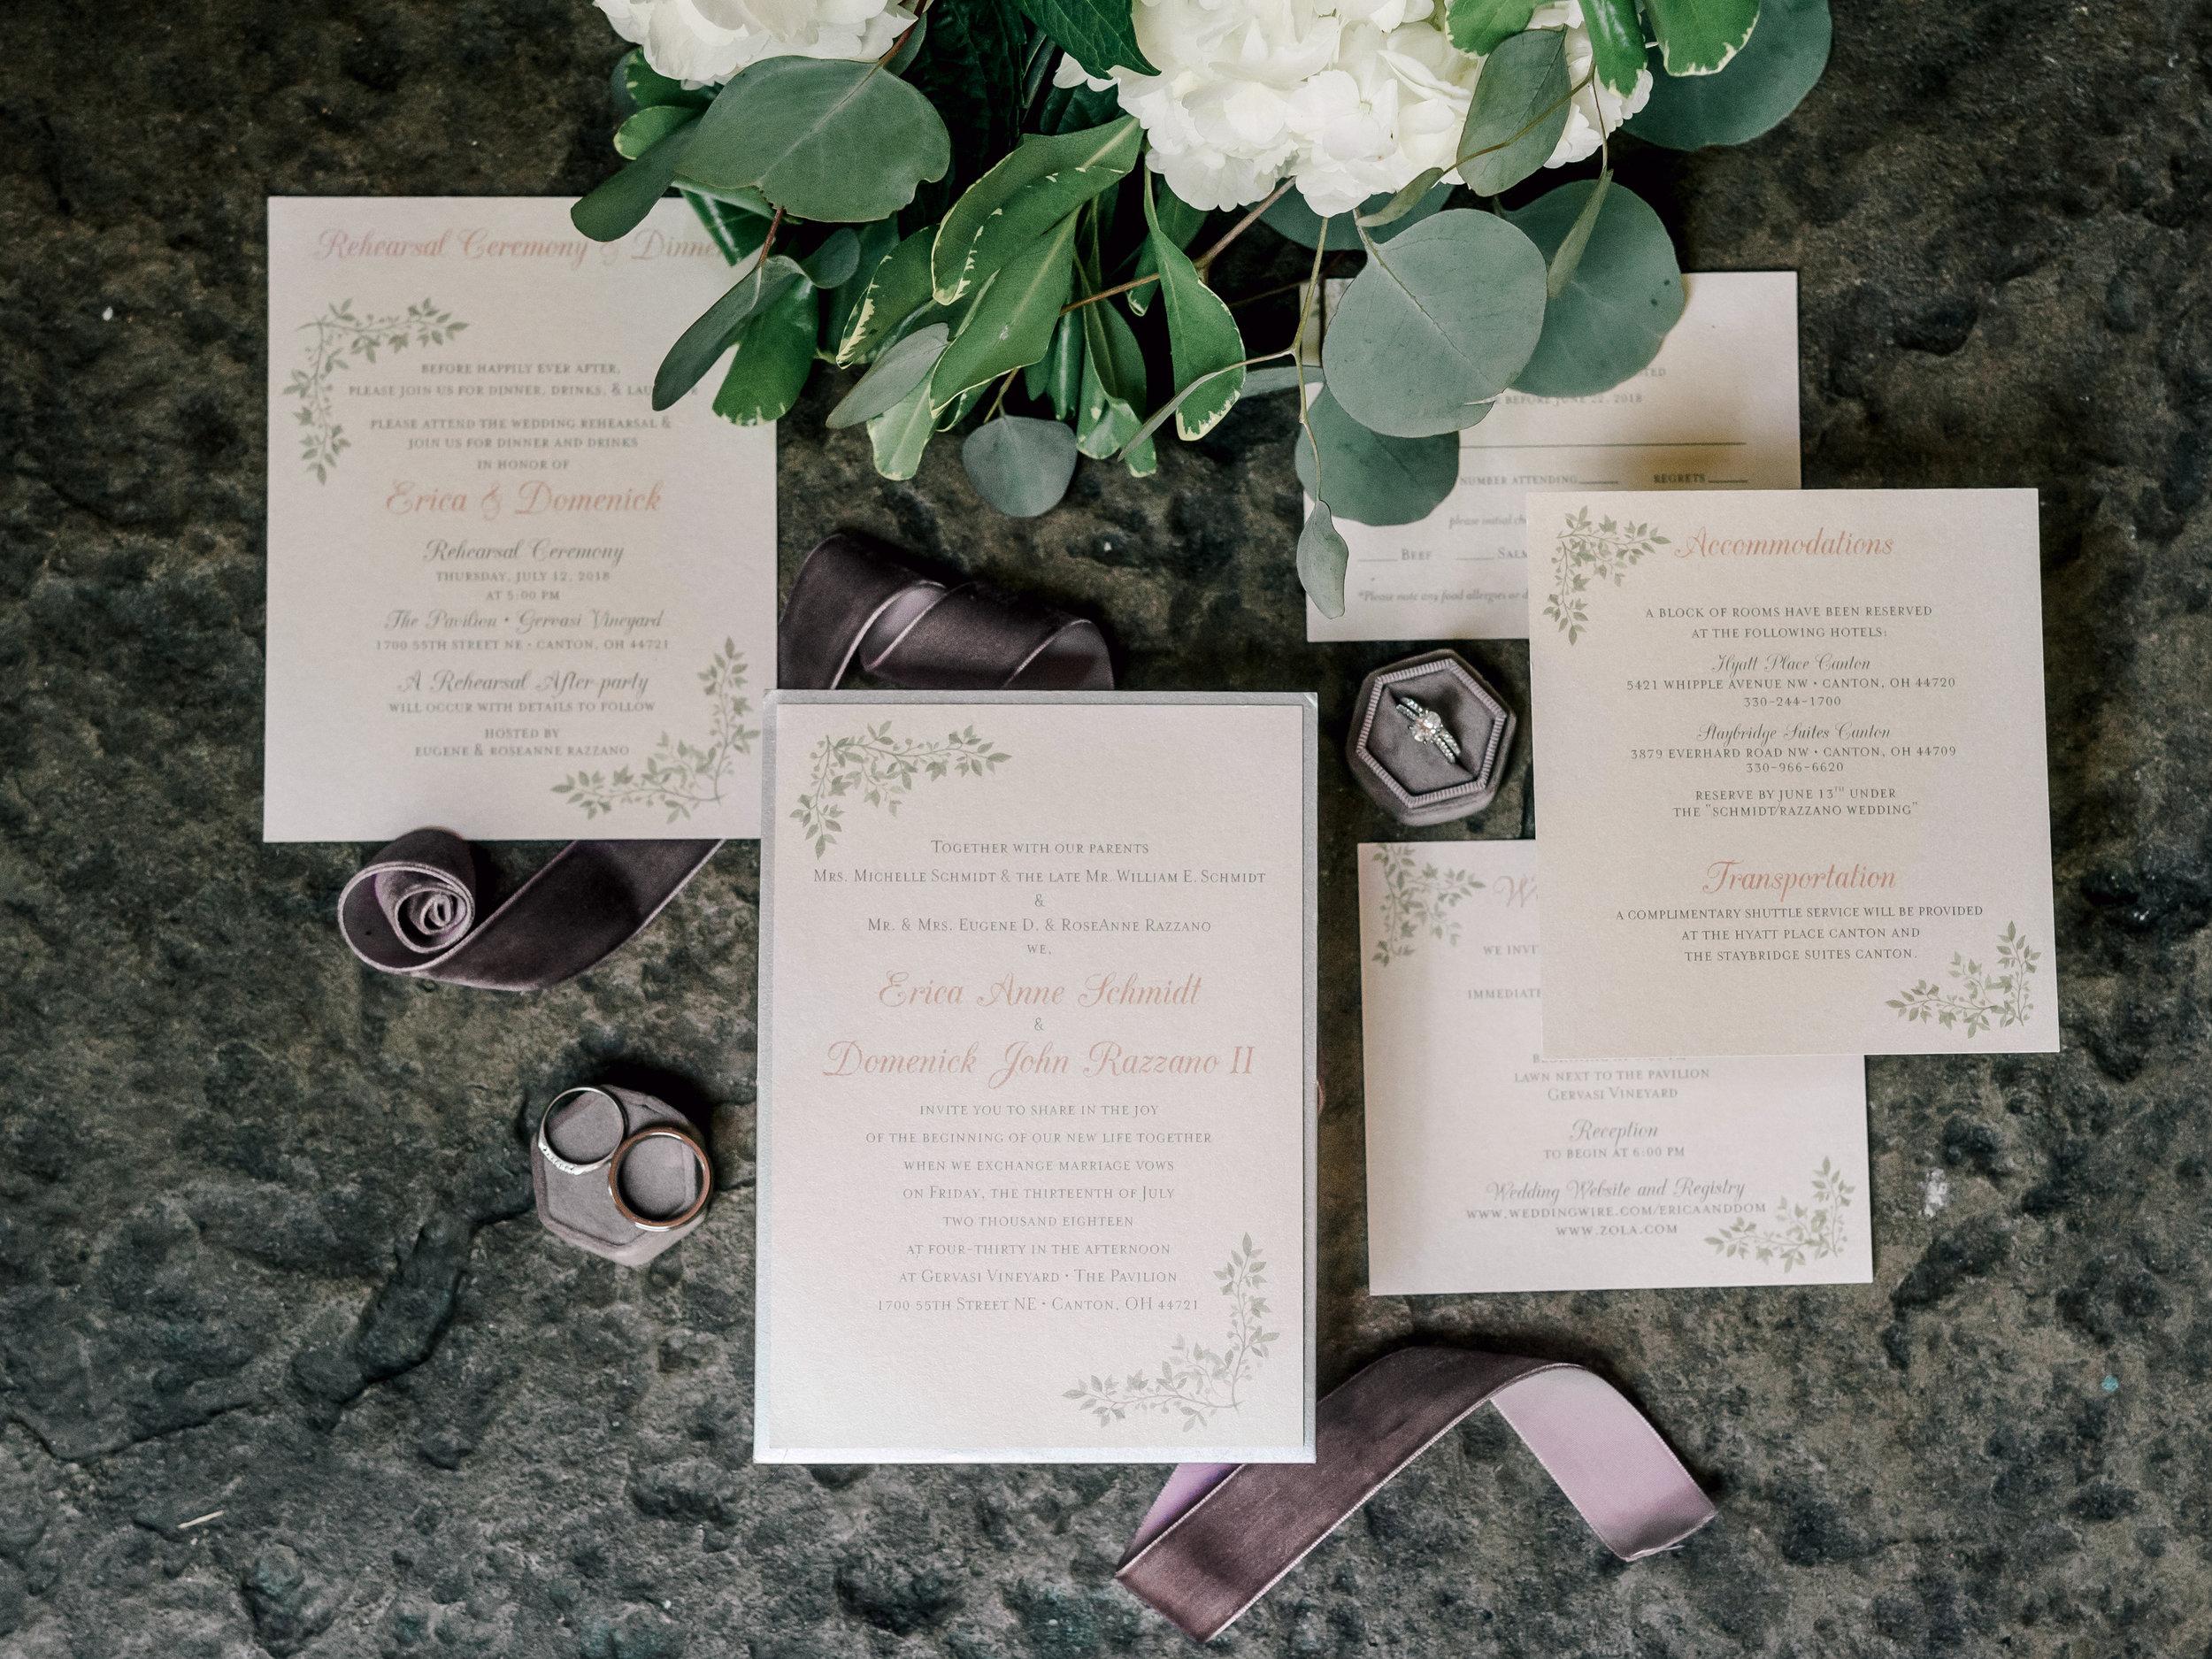 gervasi-winery-wedding-ohio-photography-1.jpg